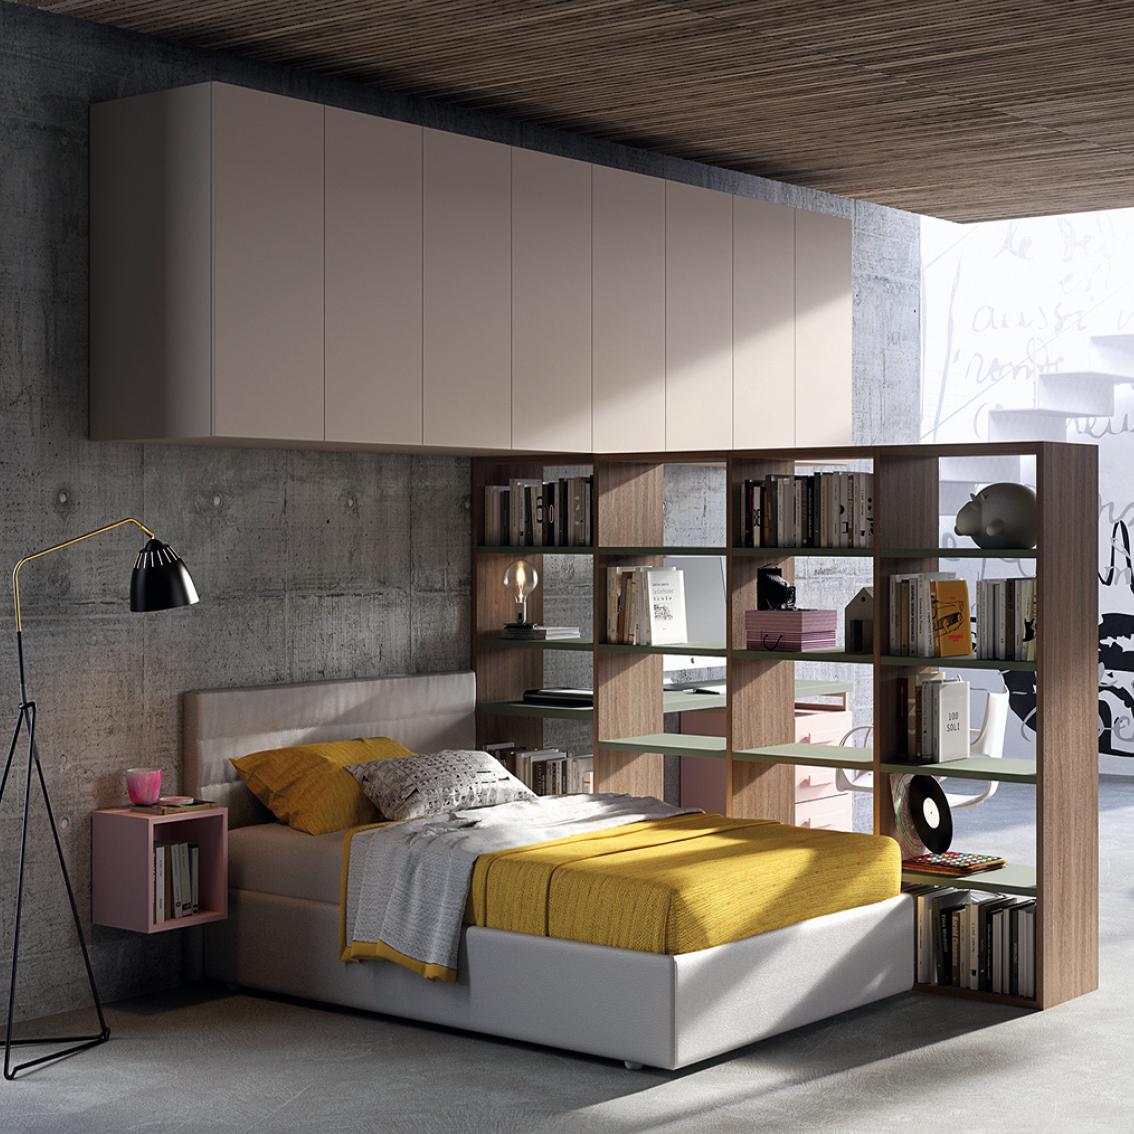 Librerie Componibili Semeraro.Cleo Semeraro